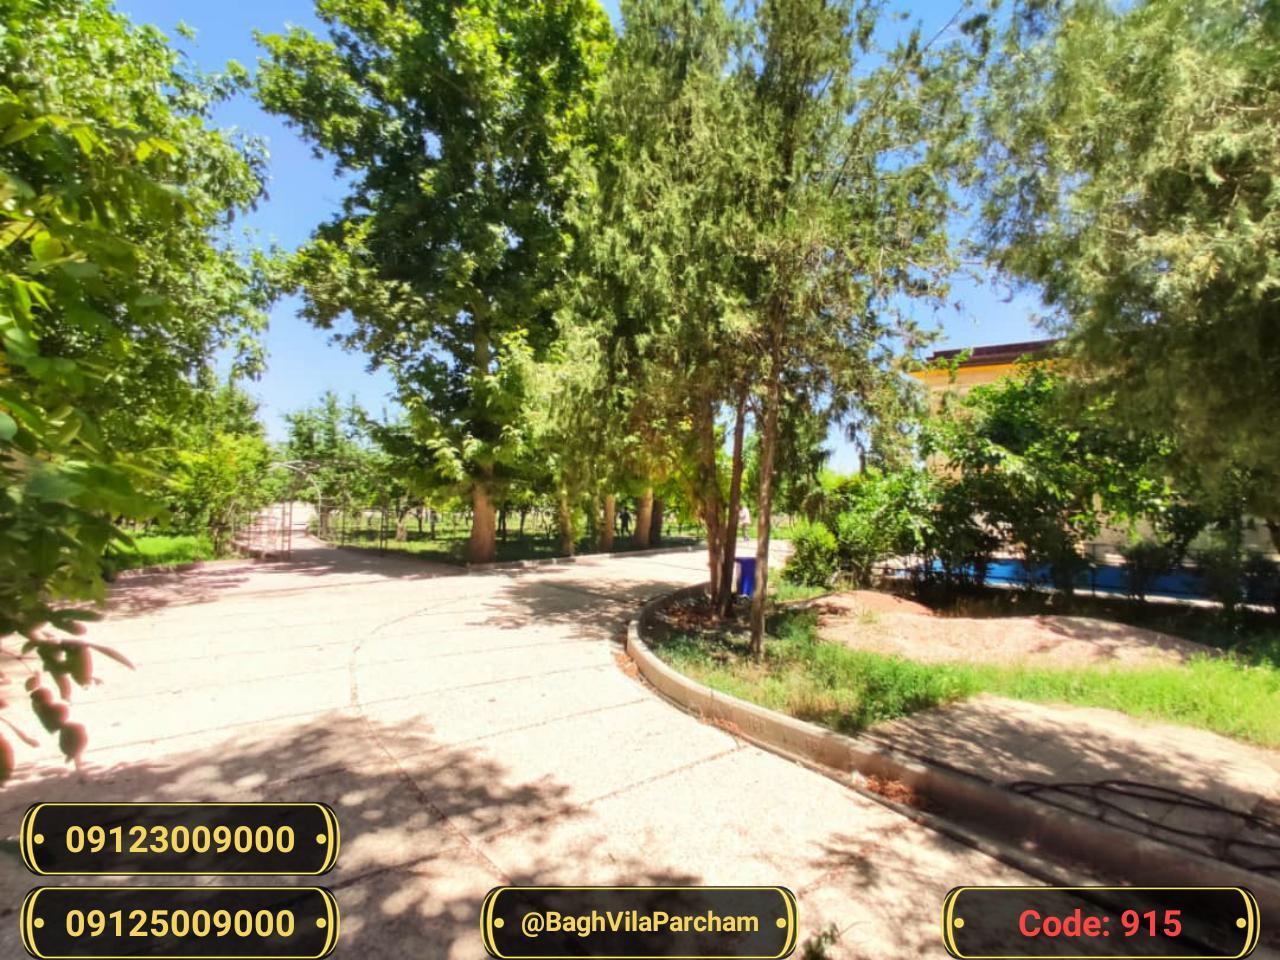 تصویر عکس باغ ویلا شماره 5 از ویلای ۵۶۵۰ متر ویلا کلاسیک تریبلکس Picture photo image 5 of ۵۶۵۰ متر ویلا کلاسیک تریبلکس